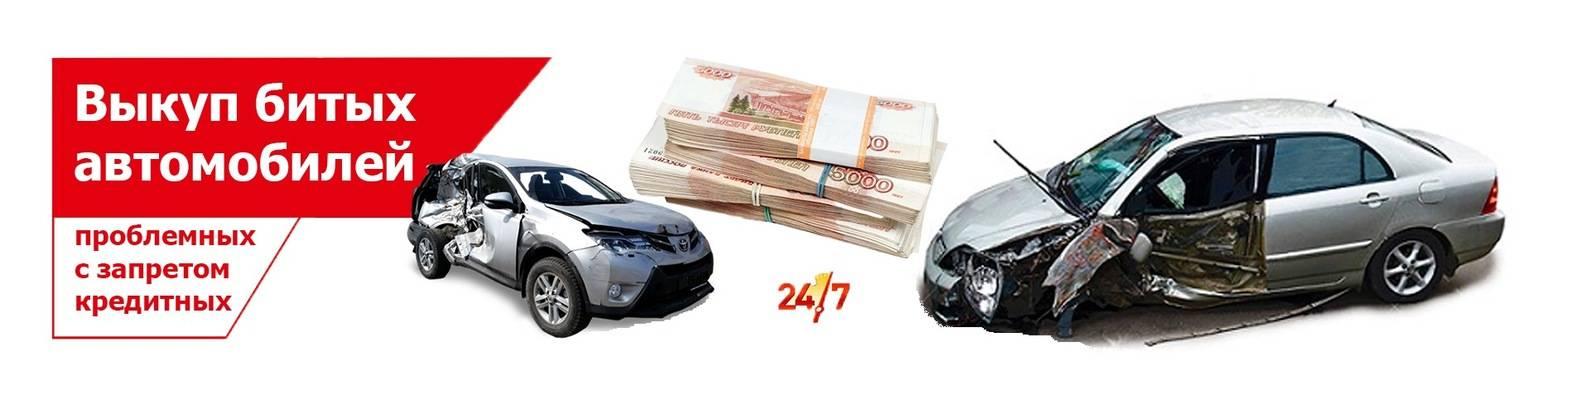 Как продать автомобиль без постановки на учет в гибдд